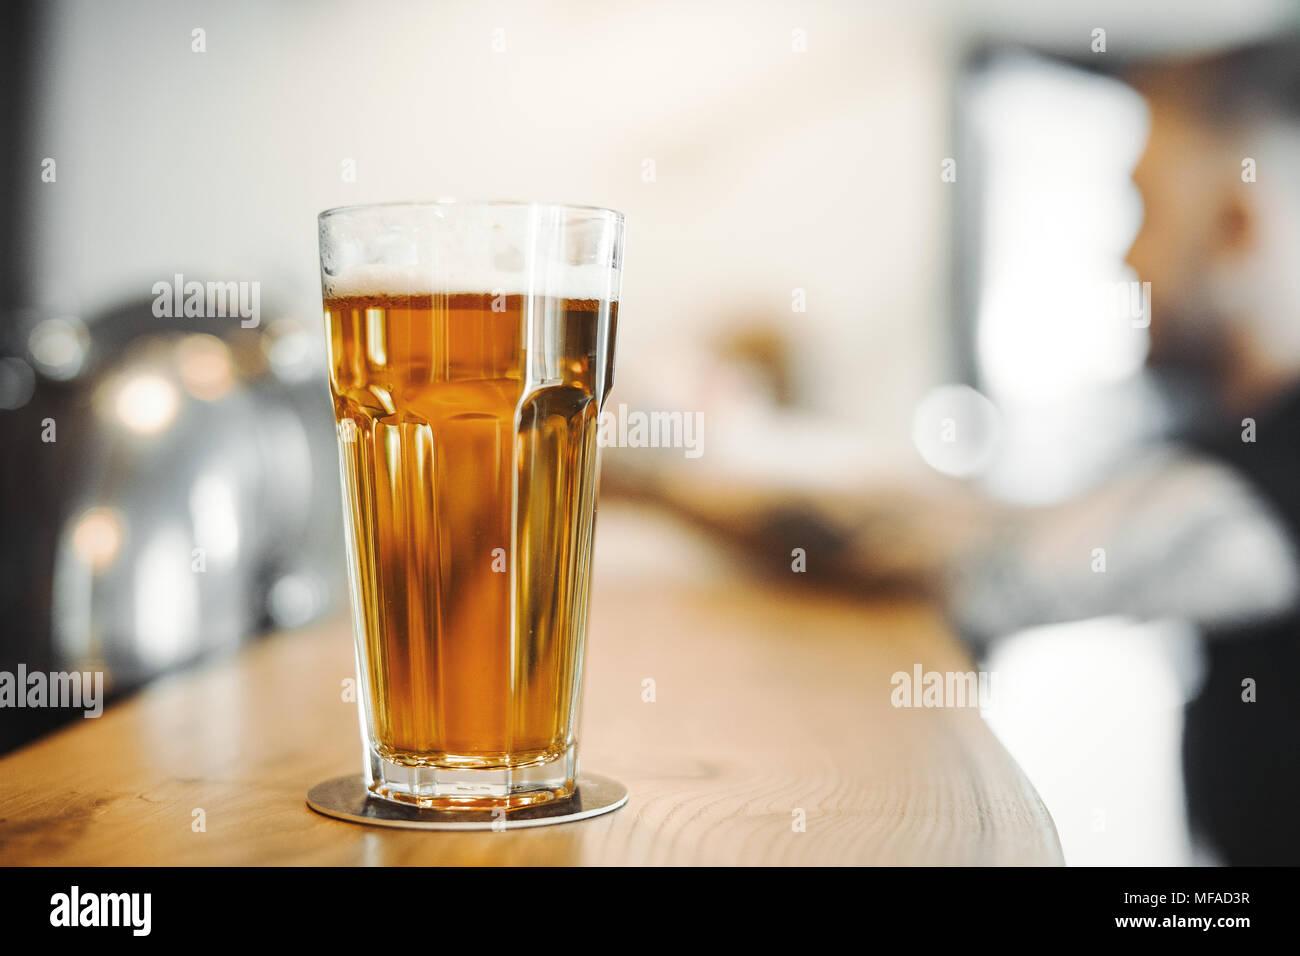 Bier Glas steht an der Theke. Stockbild